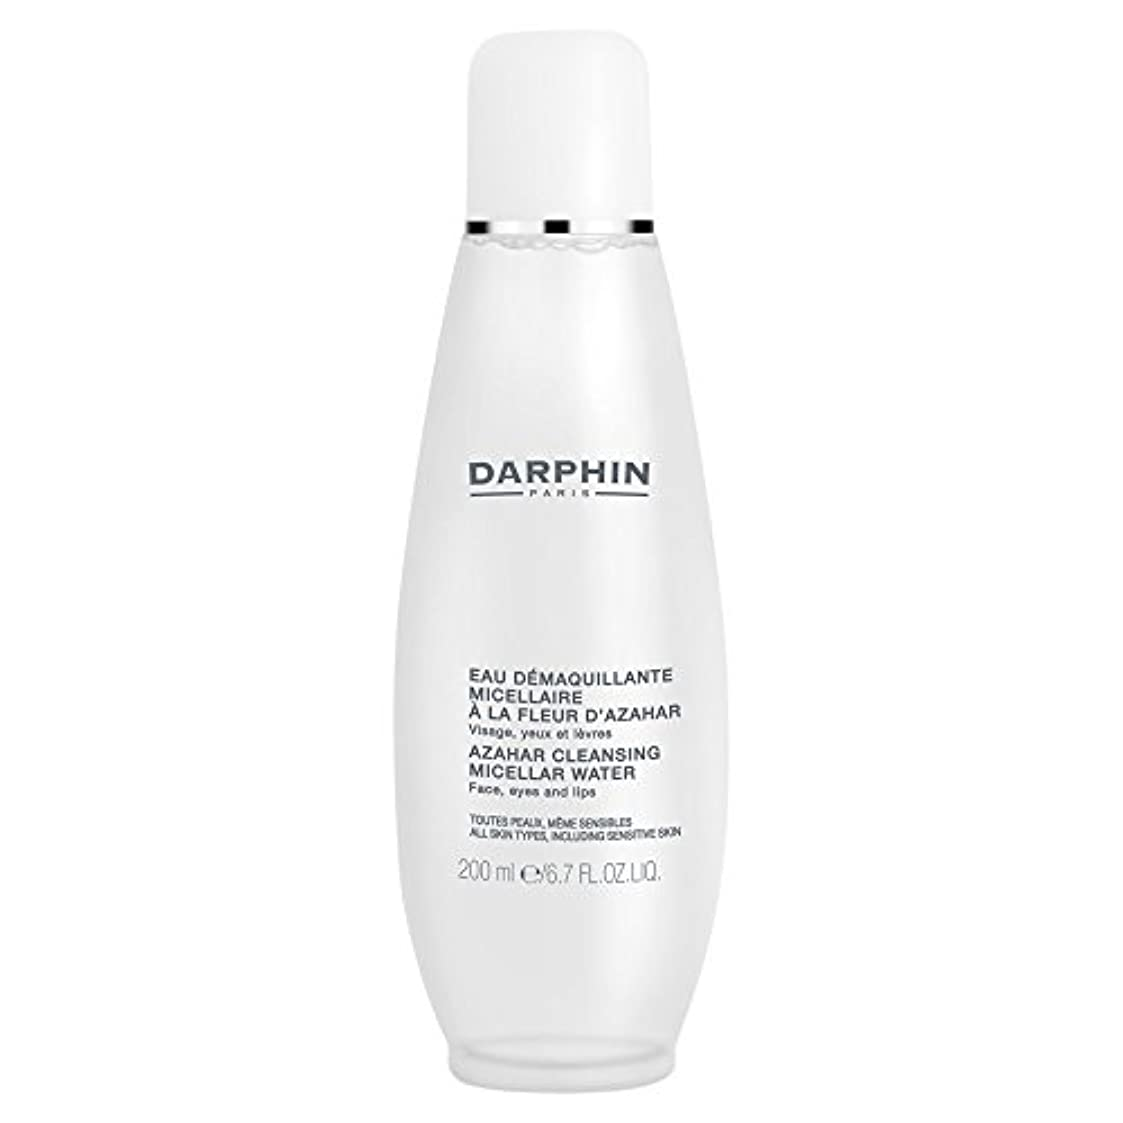 バリー気分絶縁するミセル水クレンジングアサールダルファン、200ミリリットル (Darphin) (x6) - Darphin Azahar Cleansing Micellar Water, 200ml (Pack of 6) [並行輸入品]